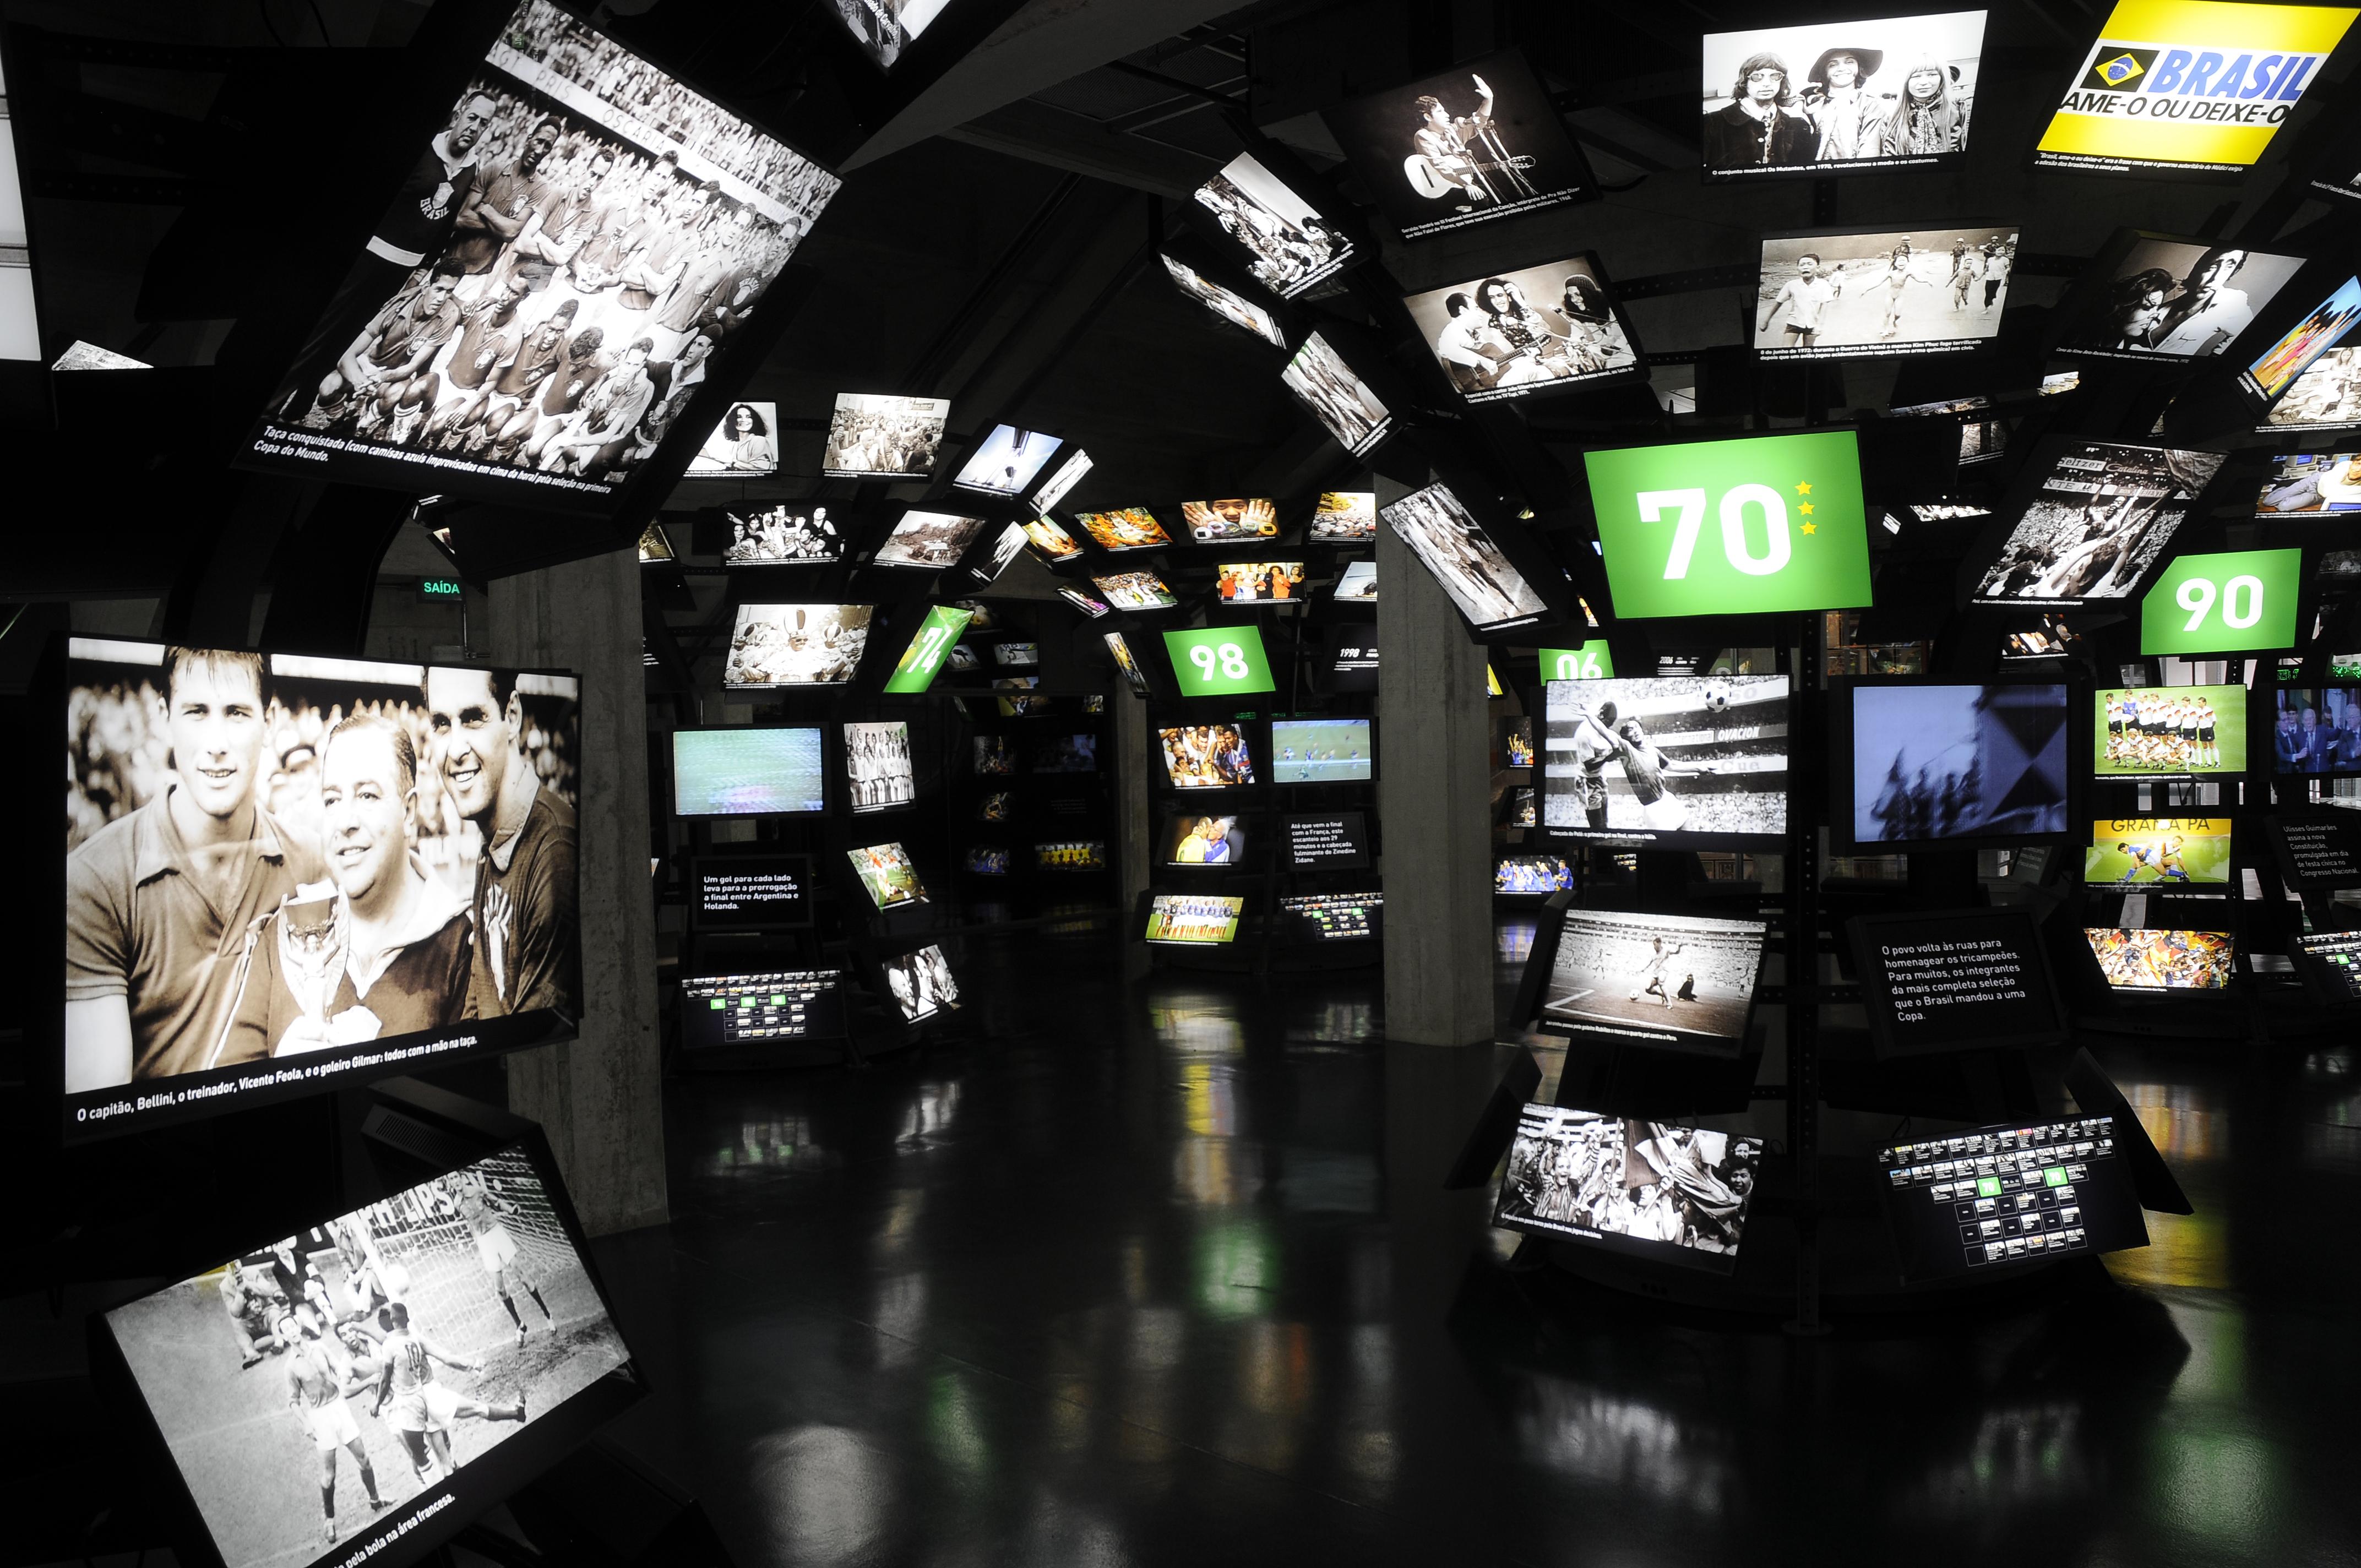 Museu do Futebol - im1364